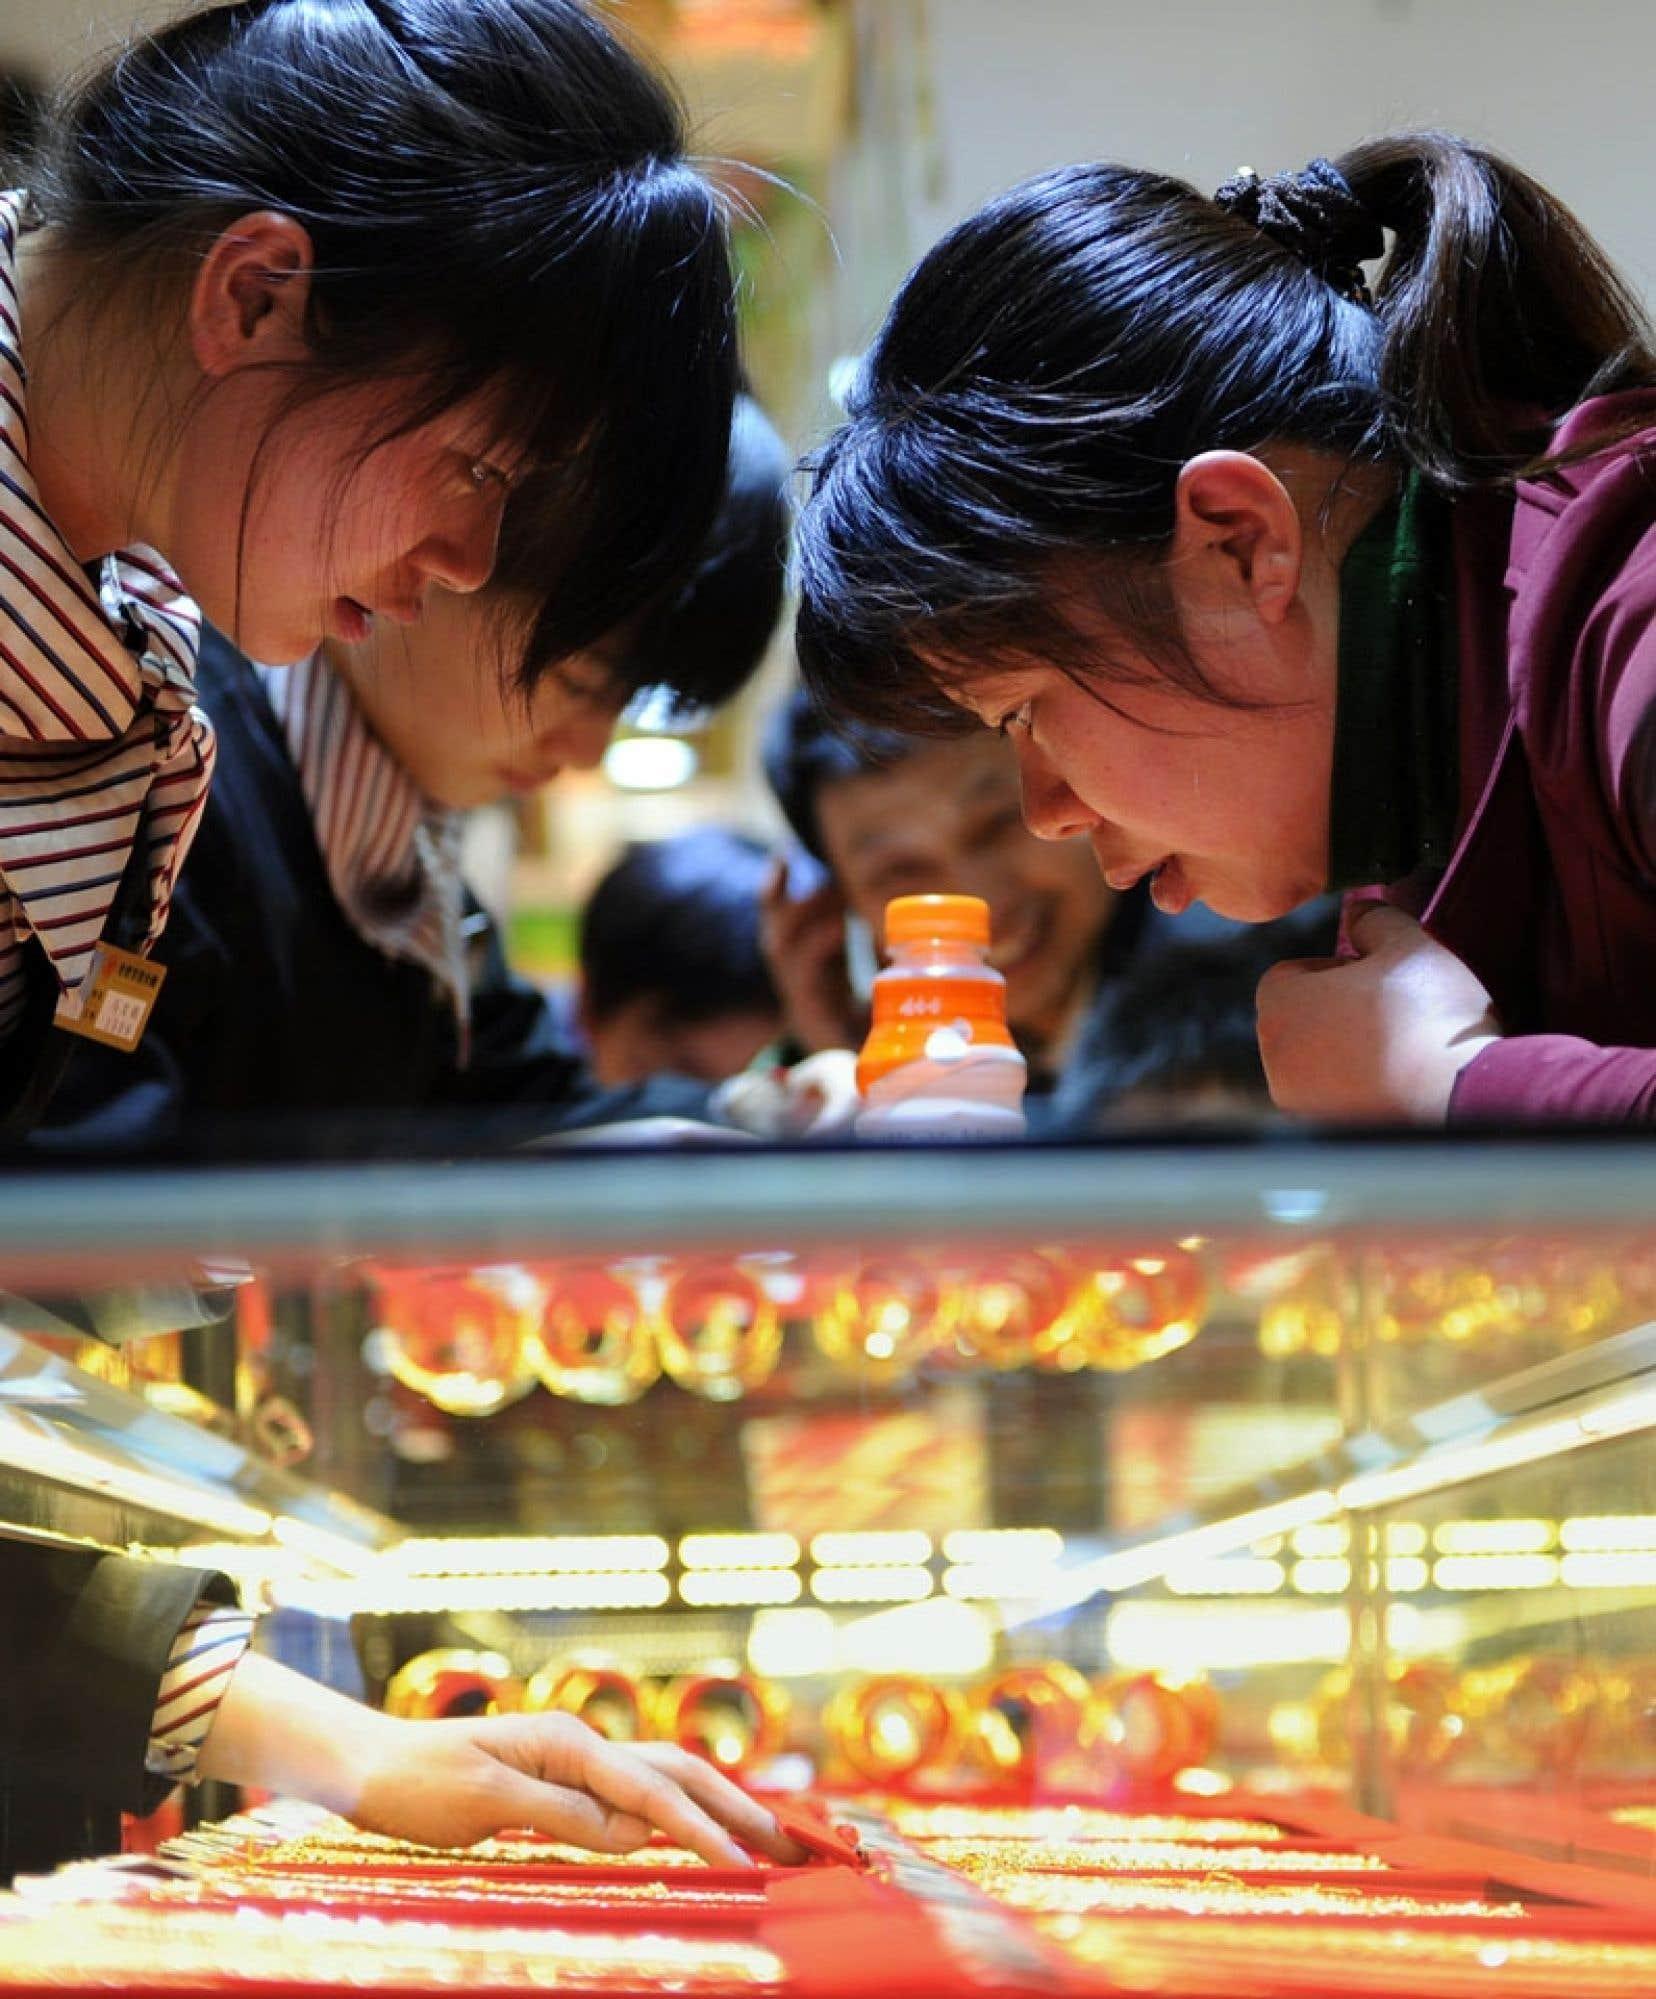 Dans une bijouterie de Pékin, des clientes se font conseiller l'achat de bijoux en or.